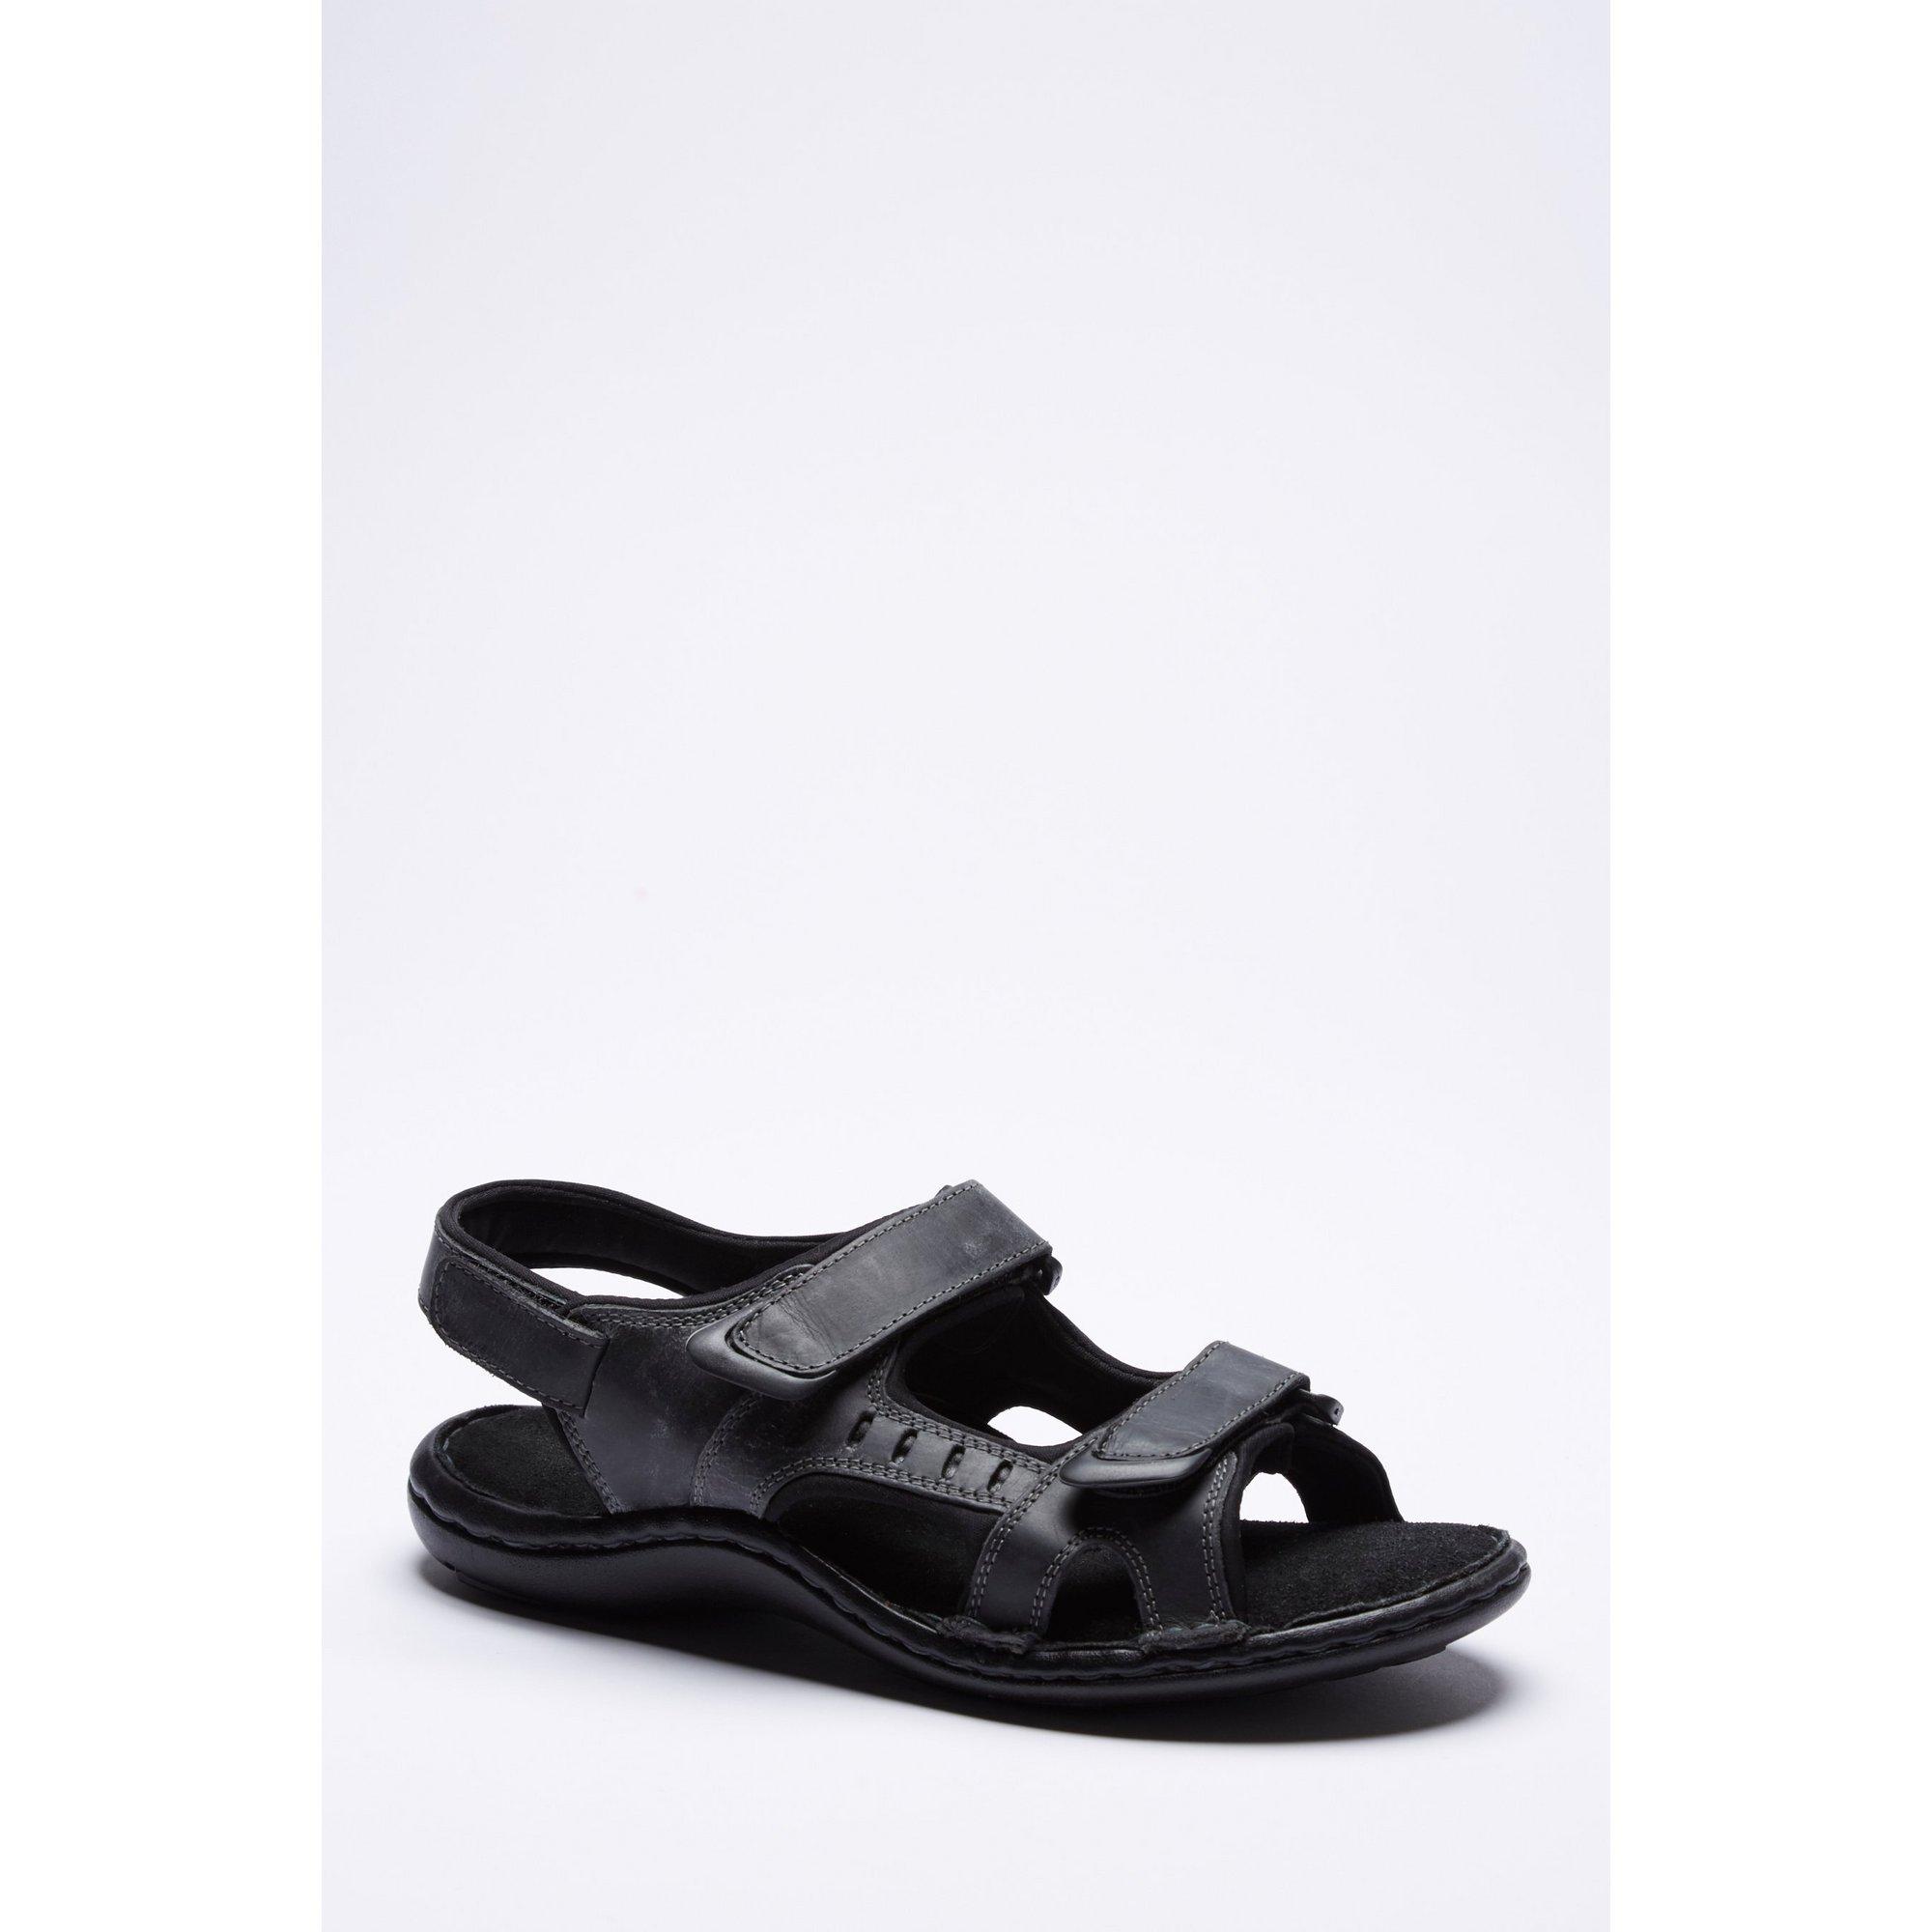 Image of Brett Leather Sandal